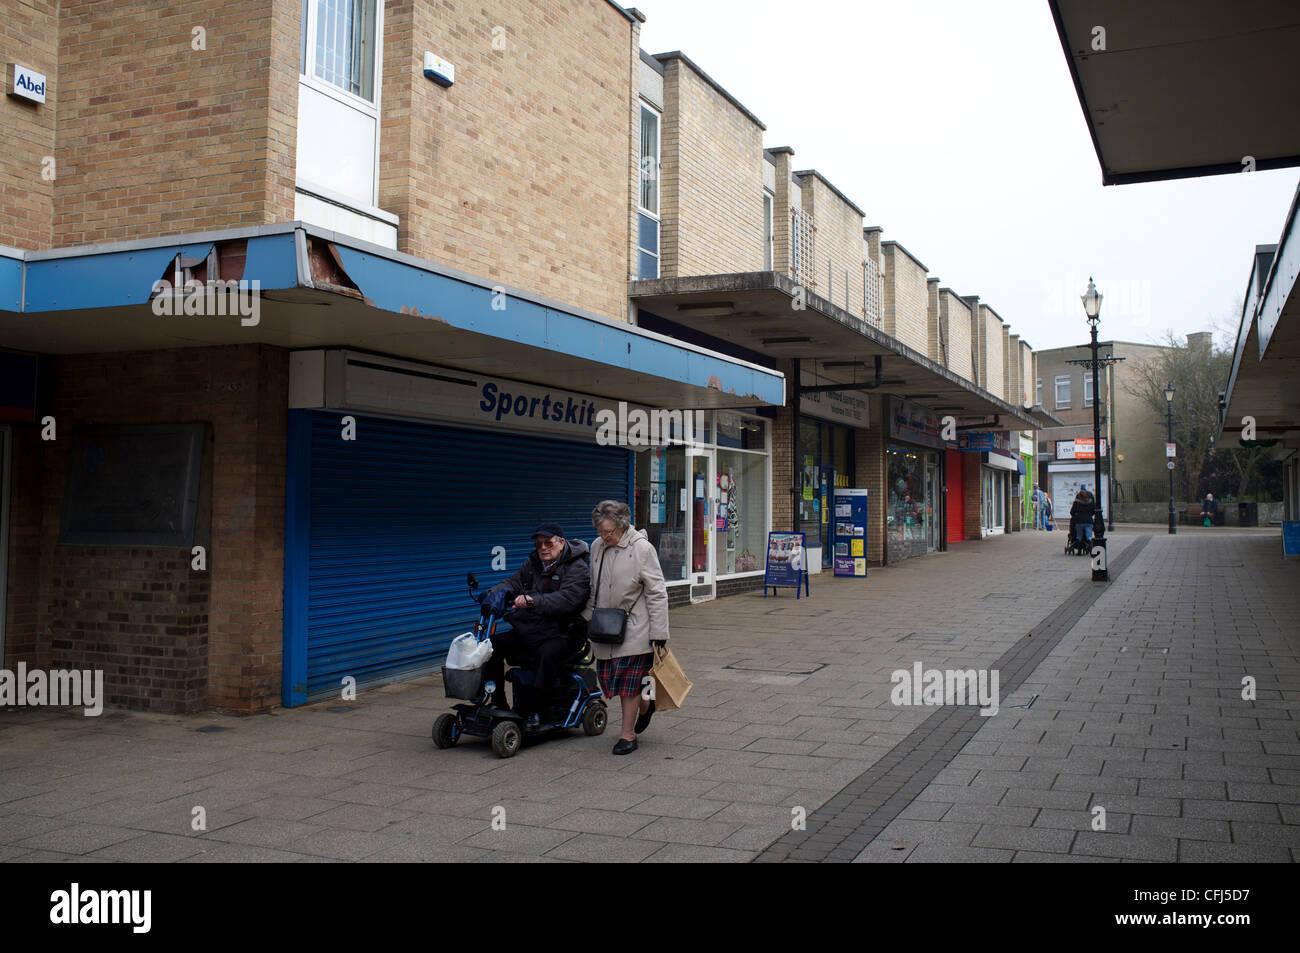 Thetford Town Center Shopping precinct - Stock Image